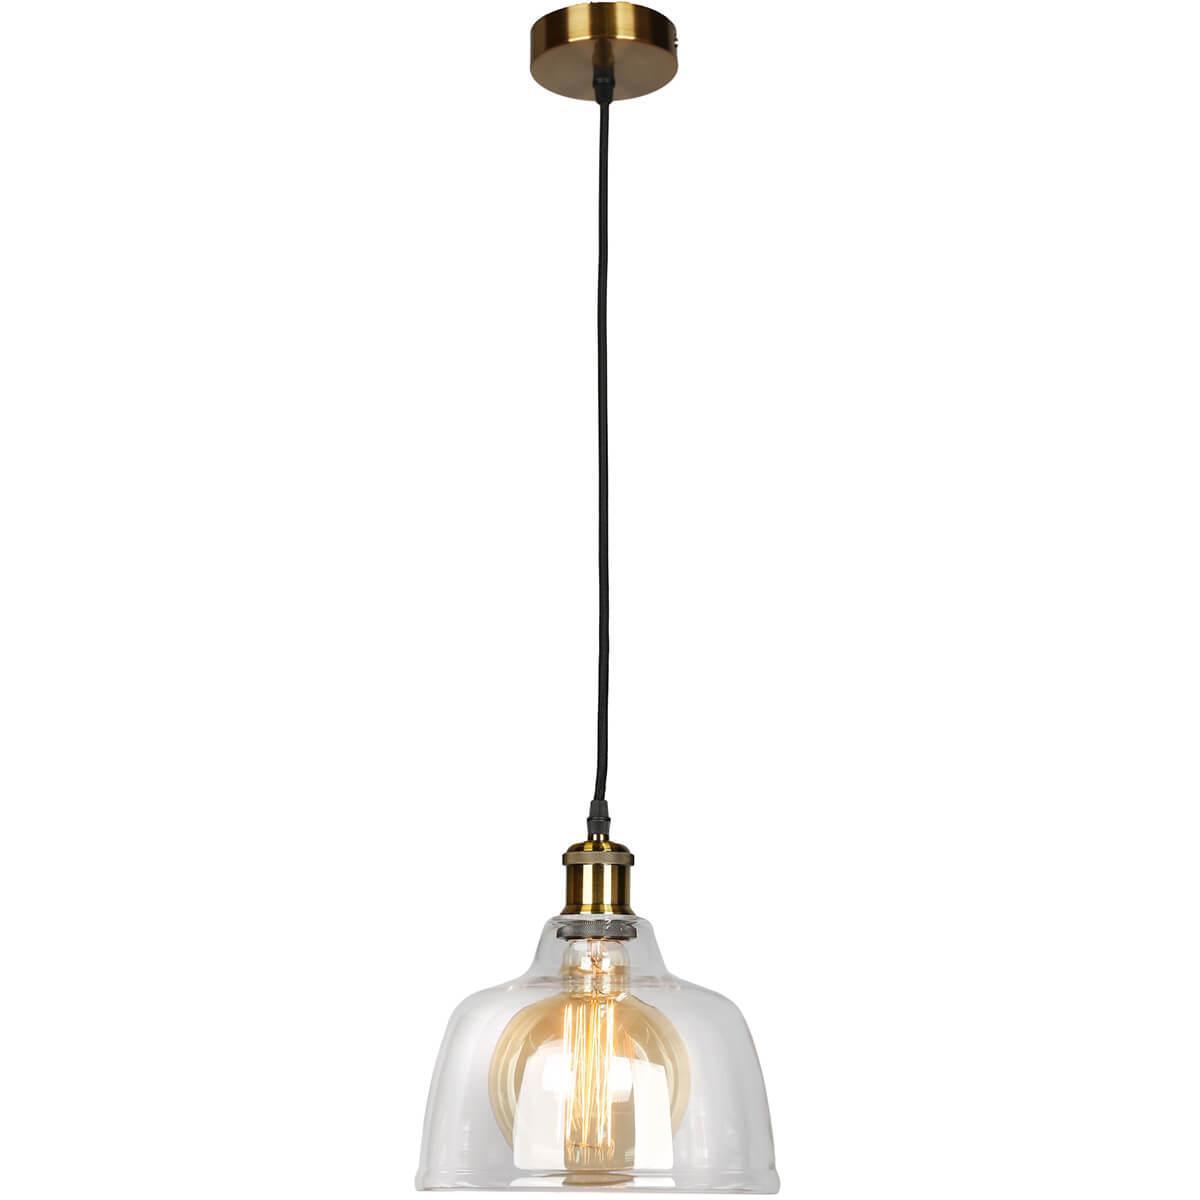 Подвесной светильник Omnilux OML-90906-01 светильник omnilux 909 oml 90906 01